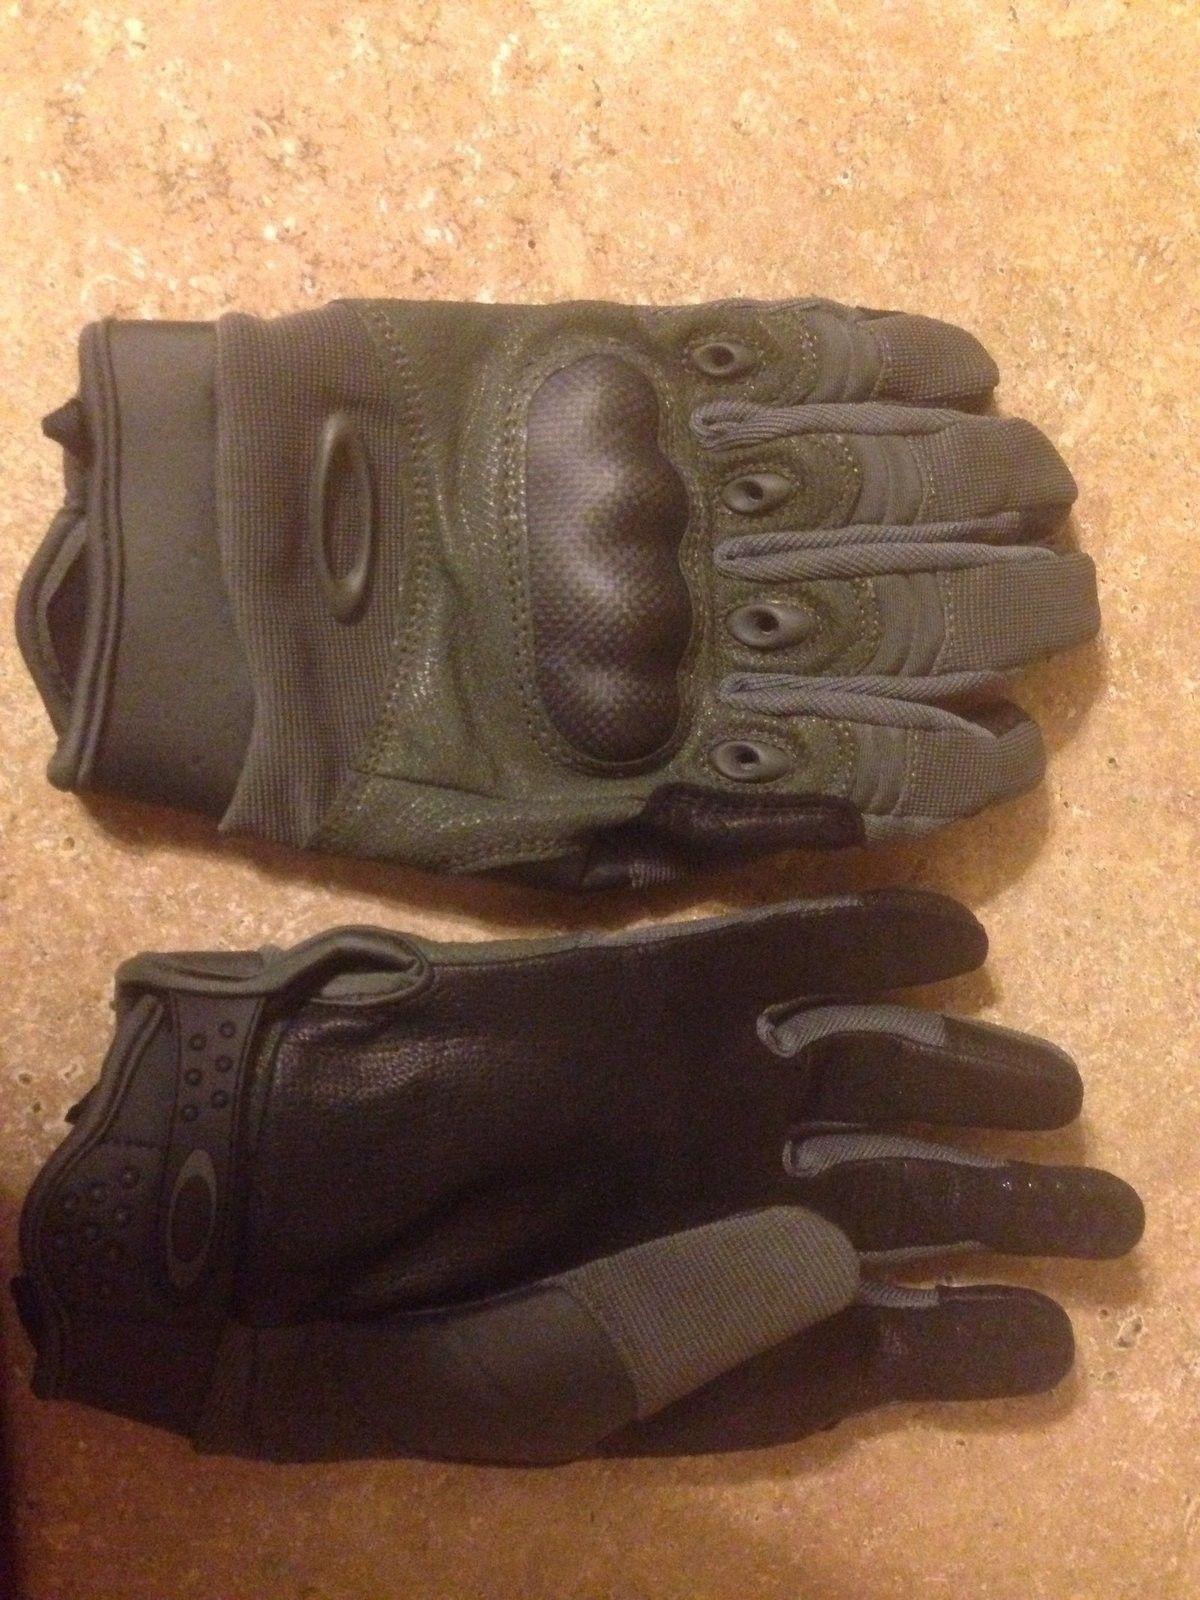 Pitboss2 + gloves - image.jpg